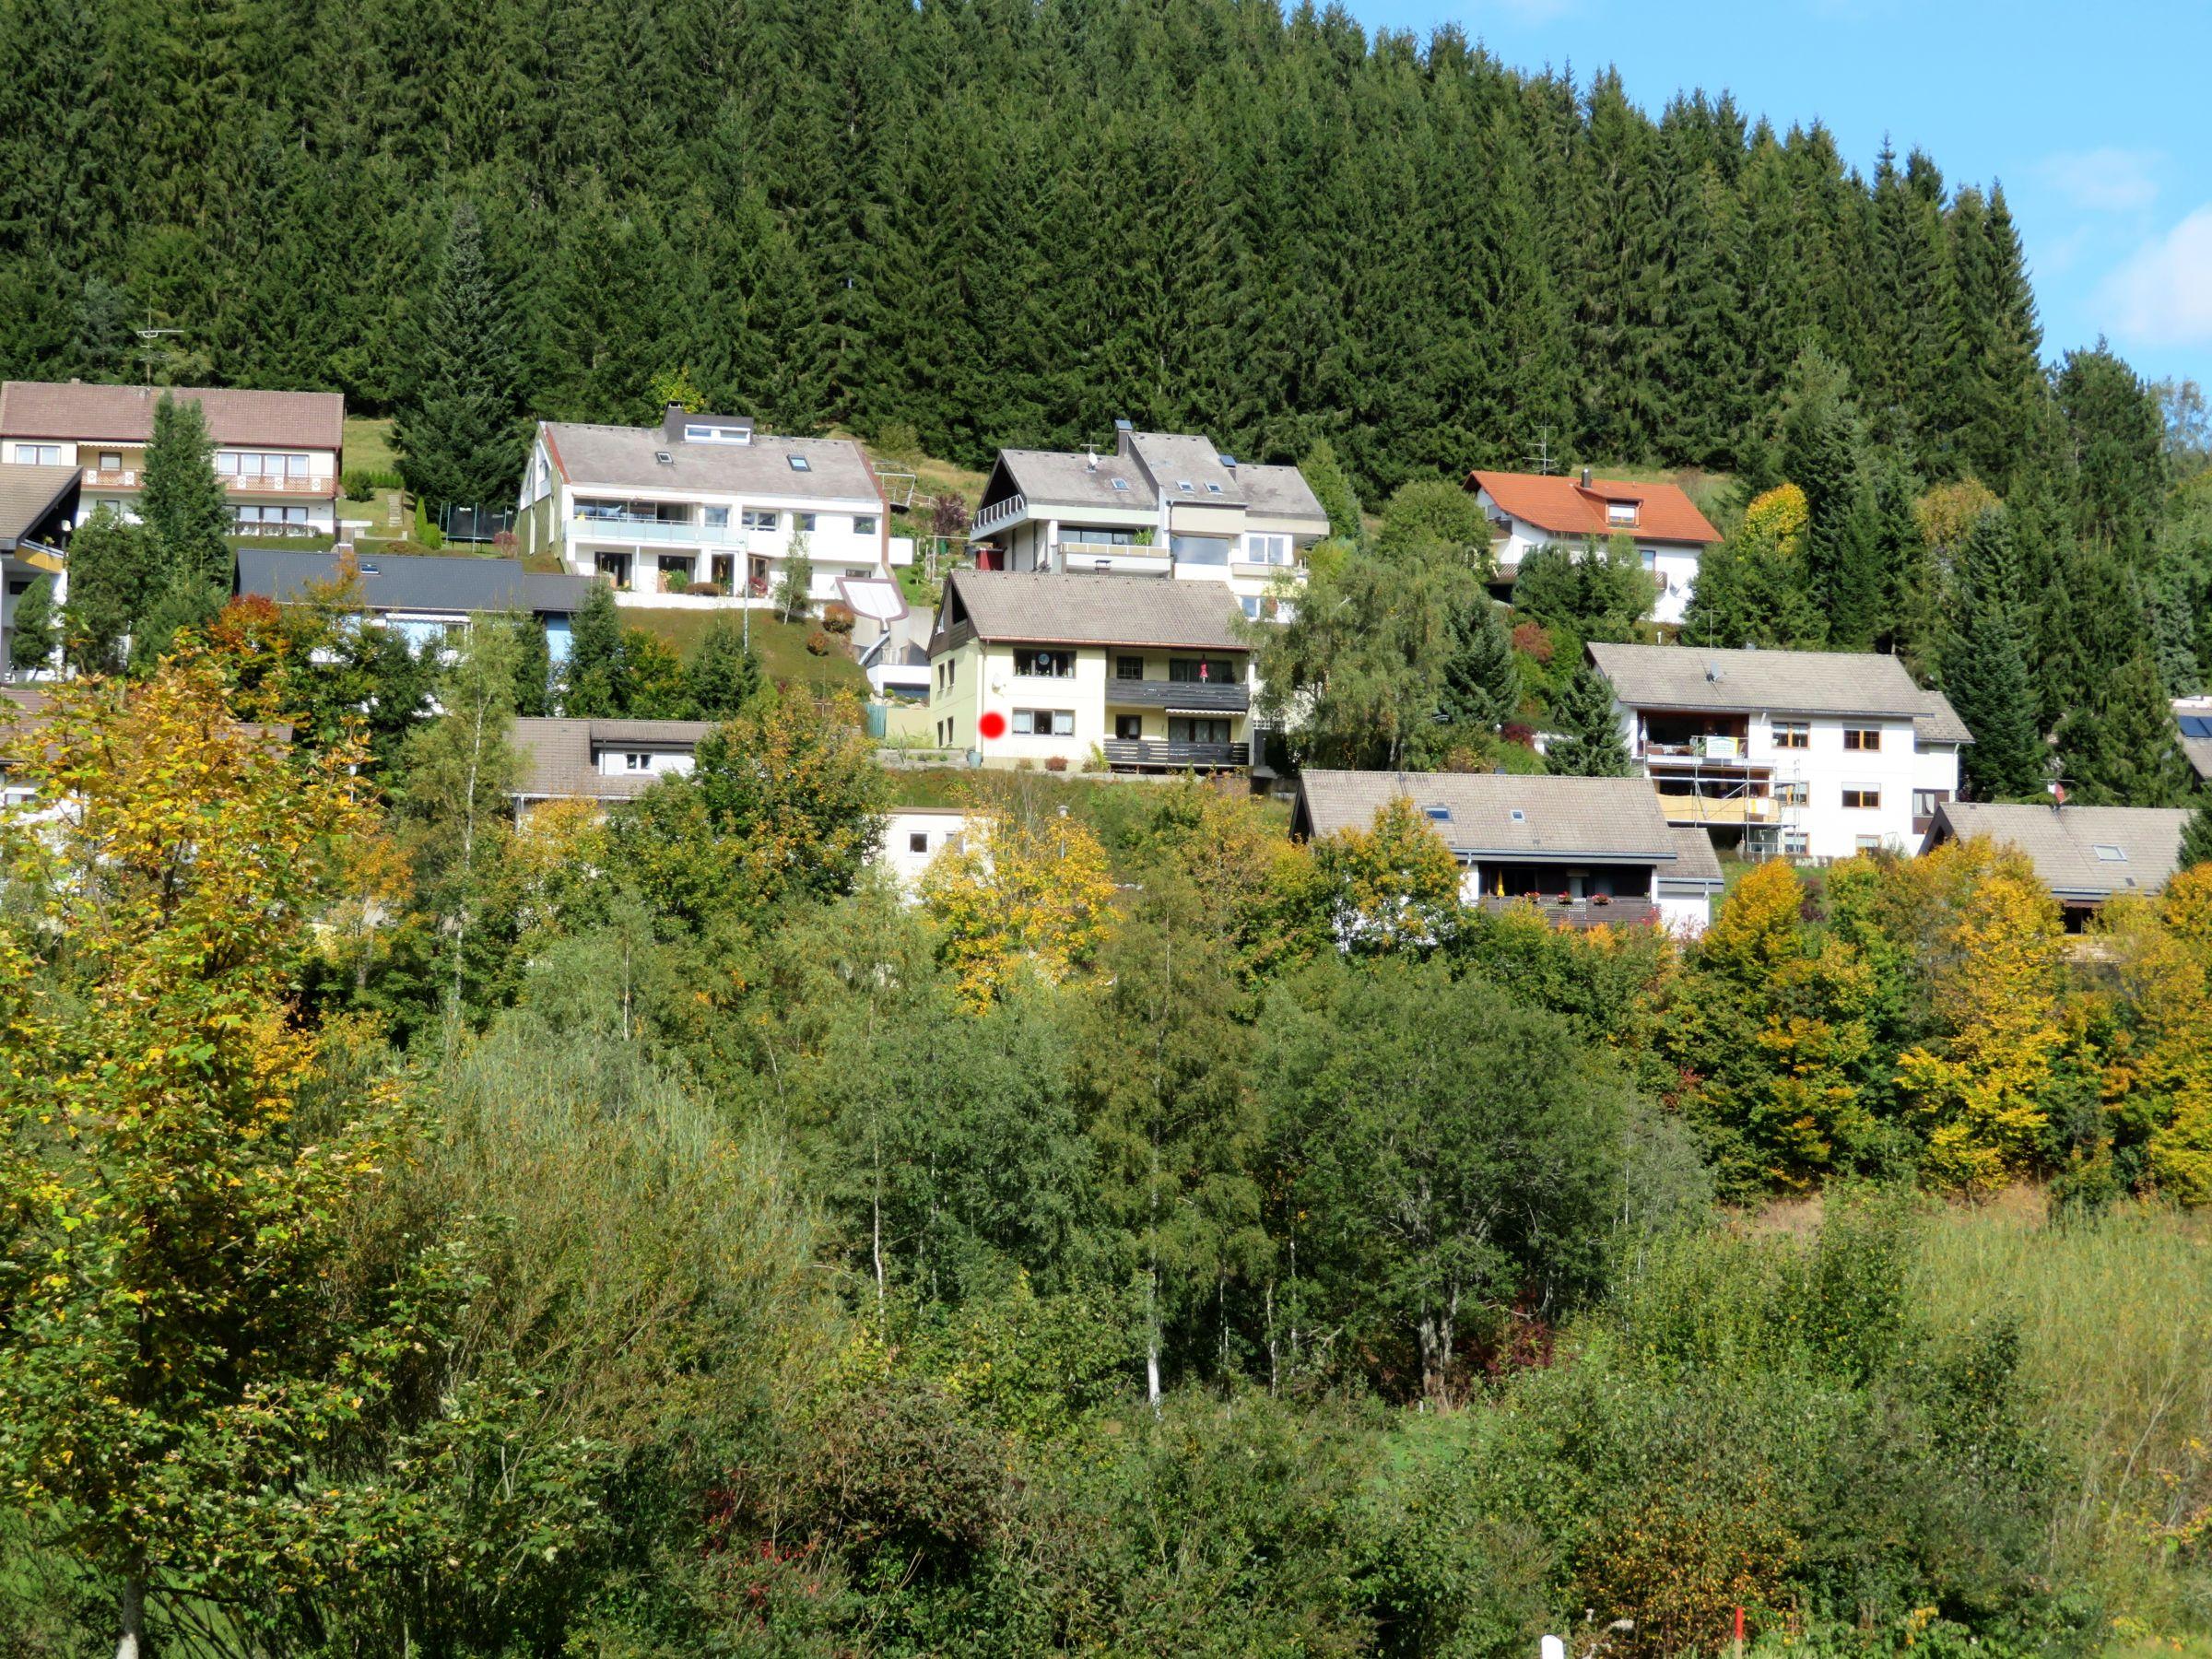 Ferienwohnung Regina, (Furtwangen). Ferienwohnung, 97qm, 2 Schlafzimmer, max. 3 Personen (2718603), Furtwangen, Schwarzwald, Baden-Württemberg, Deutschland, Bild 2